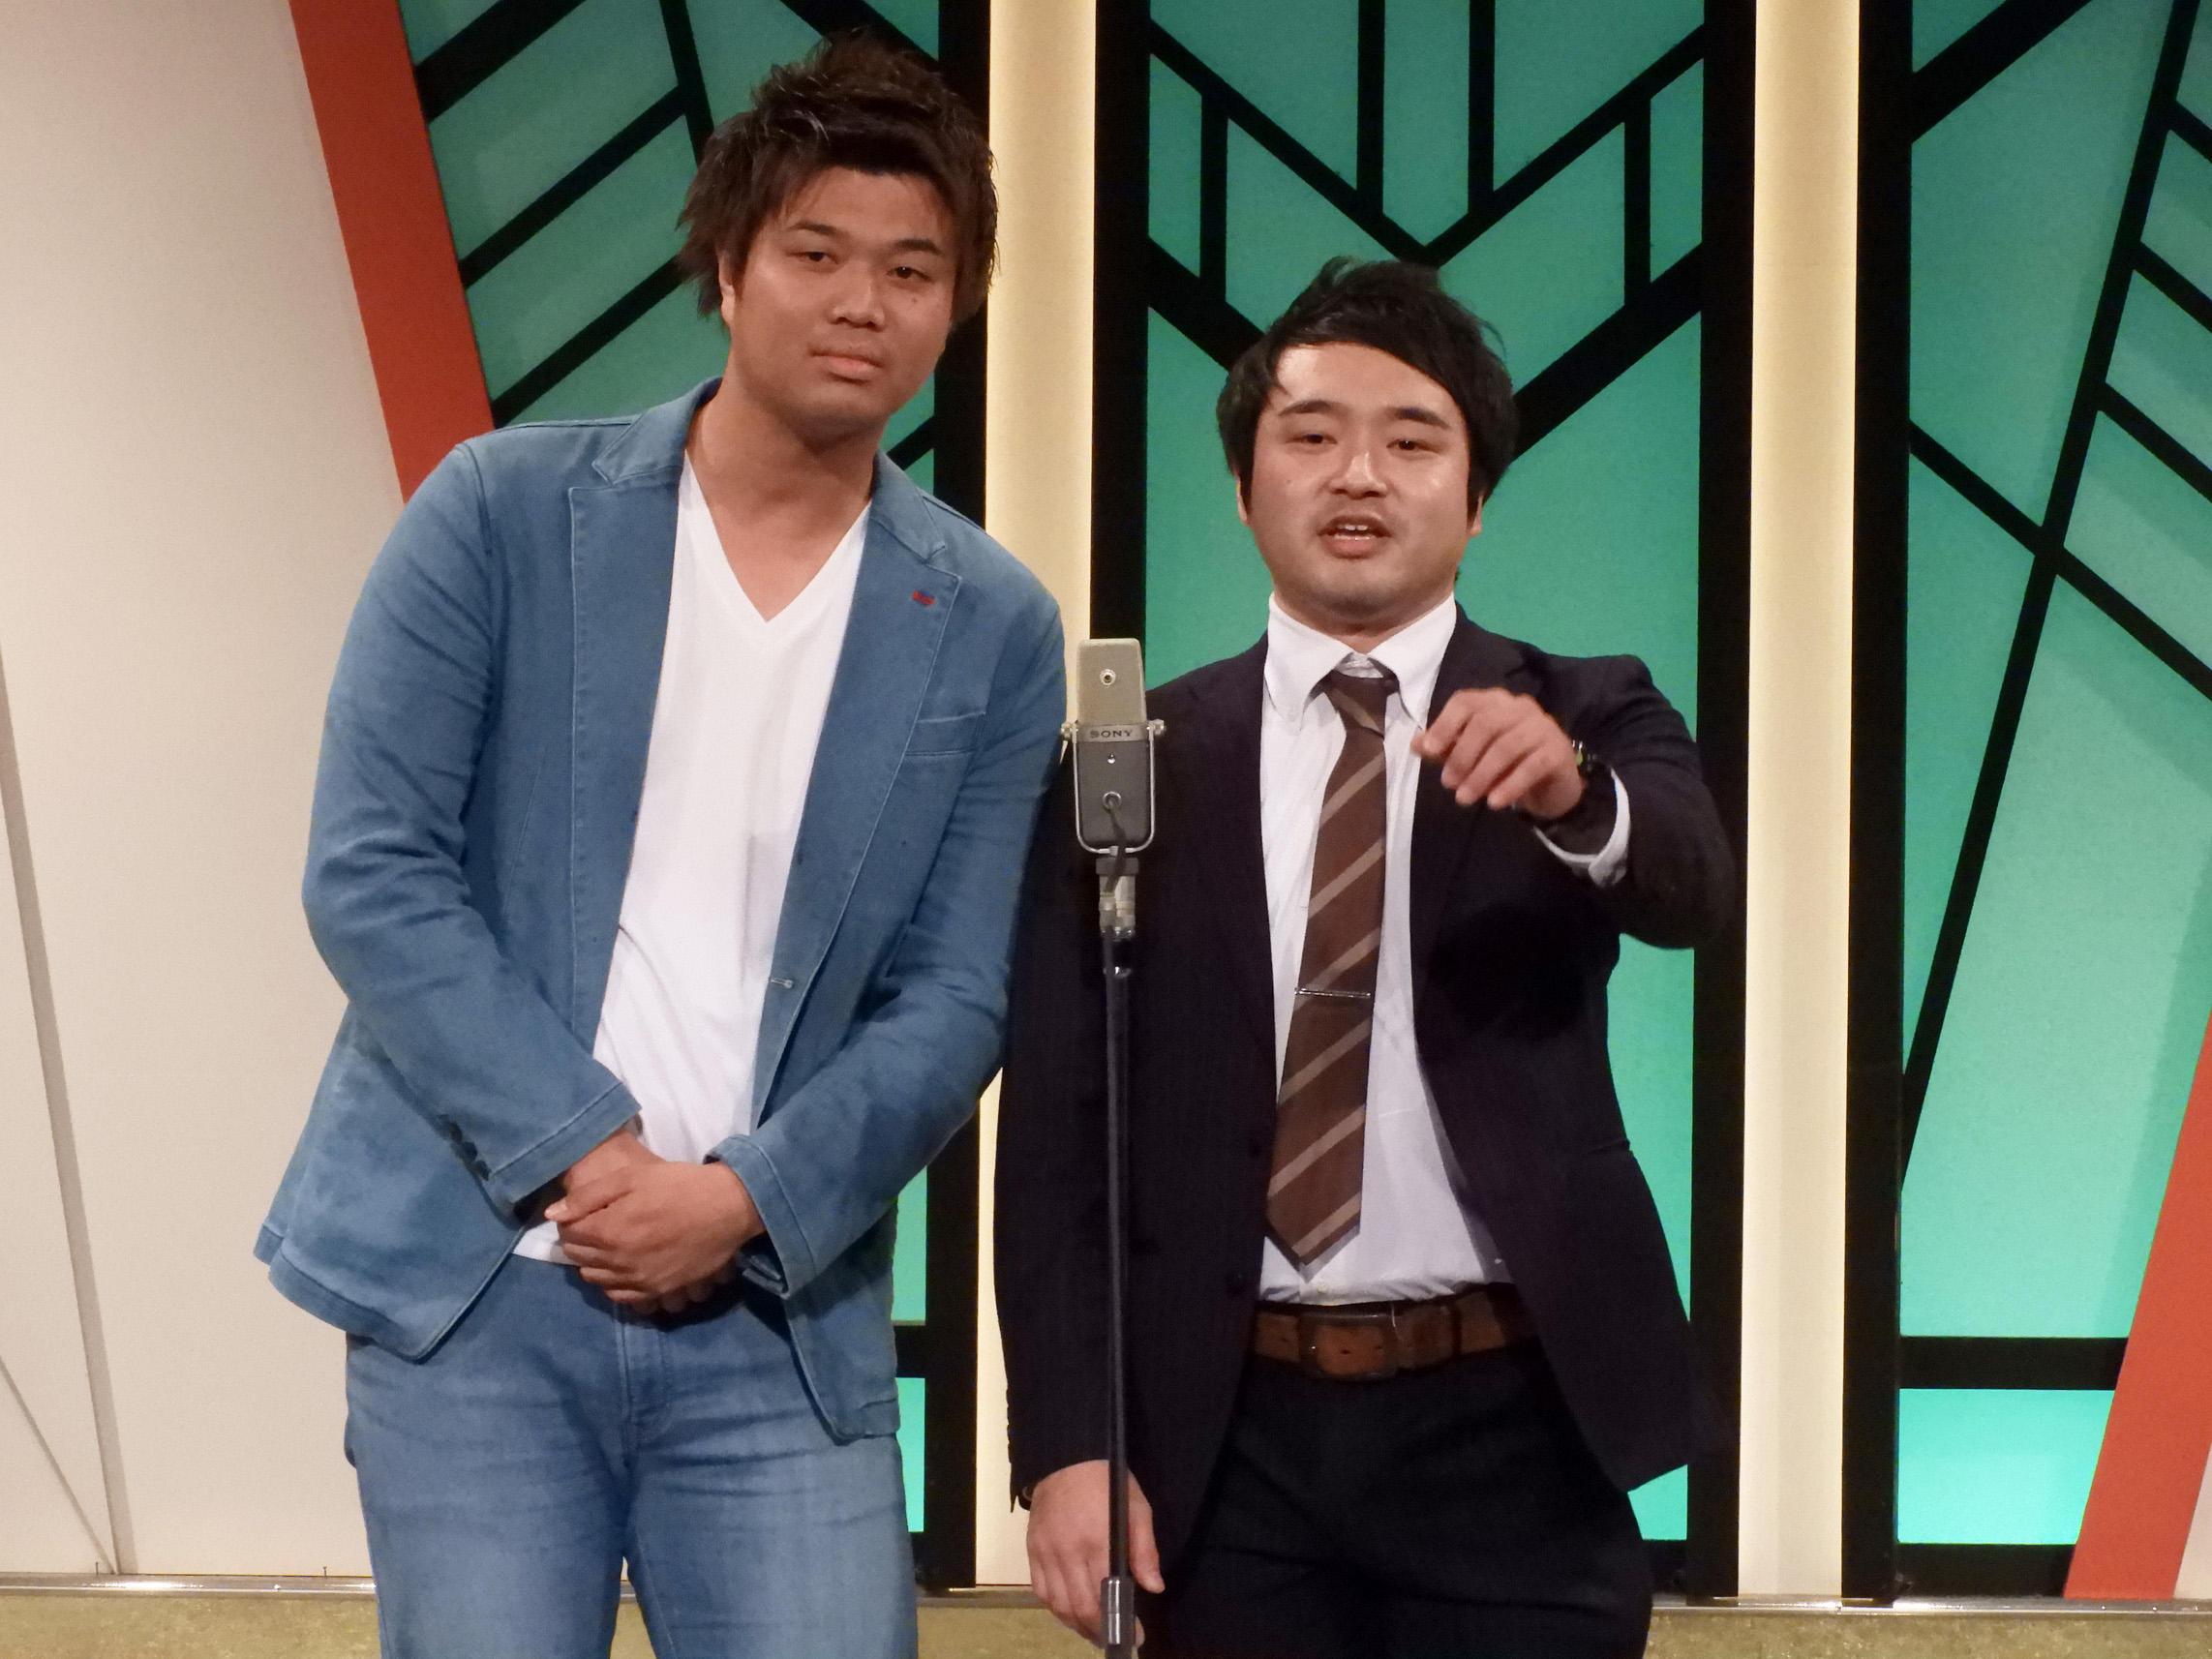 http://news.yoshimoto.co.jp/20181109120538-d94c097ca2c993ba44397a8e272dfa9e41a9d541.jpg